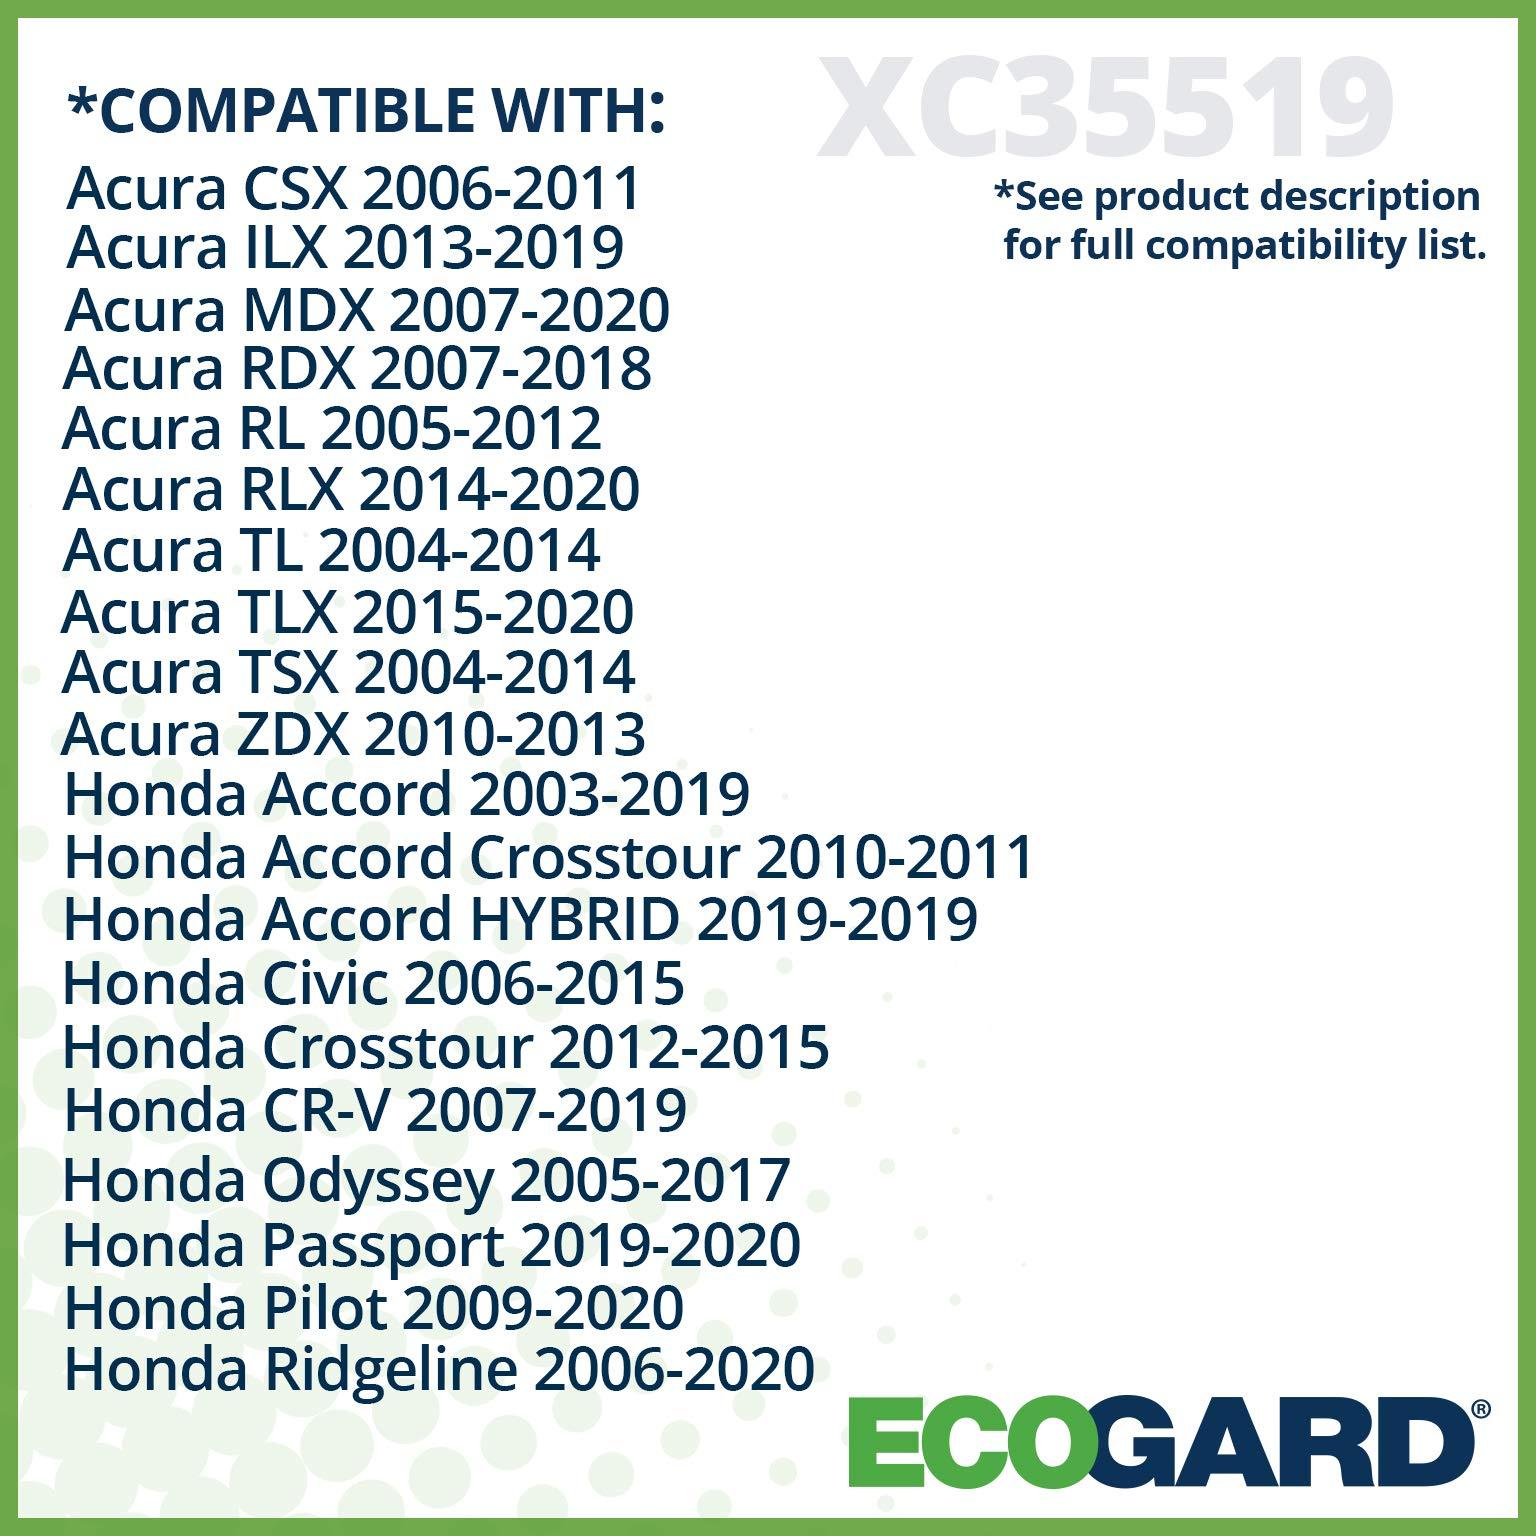 Ecogard XC35519 Premium Cabin Air Filter Fits Acura MDX